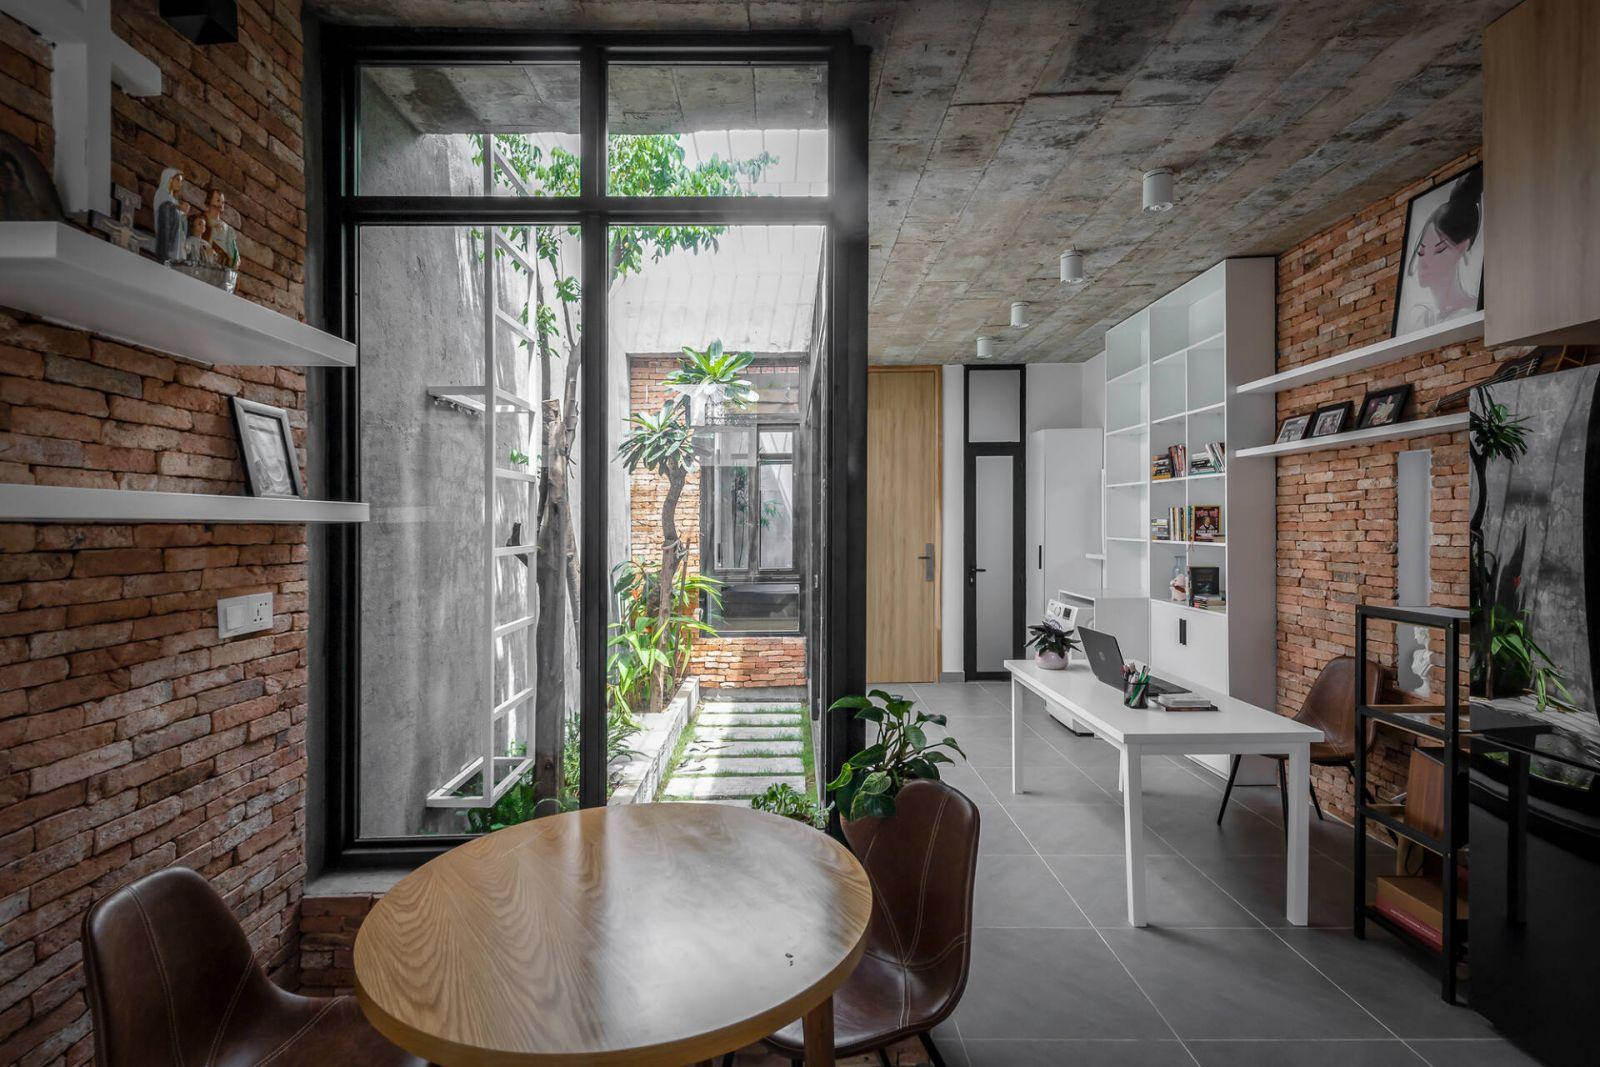 Để không gian bên trong mát mẻ, nhóm thiết kế sử dụng gạch làm vật liệu chủ yếu để lát sàn, lát tường. Các khoảng tường gạch trần đan xen, tạo điểm nhấn thẩm mỹ mộc mạc, đẹp mắt